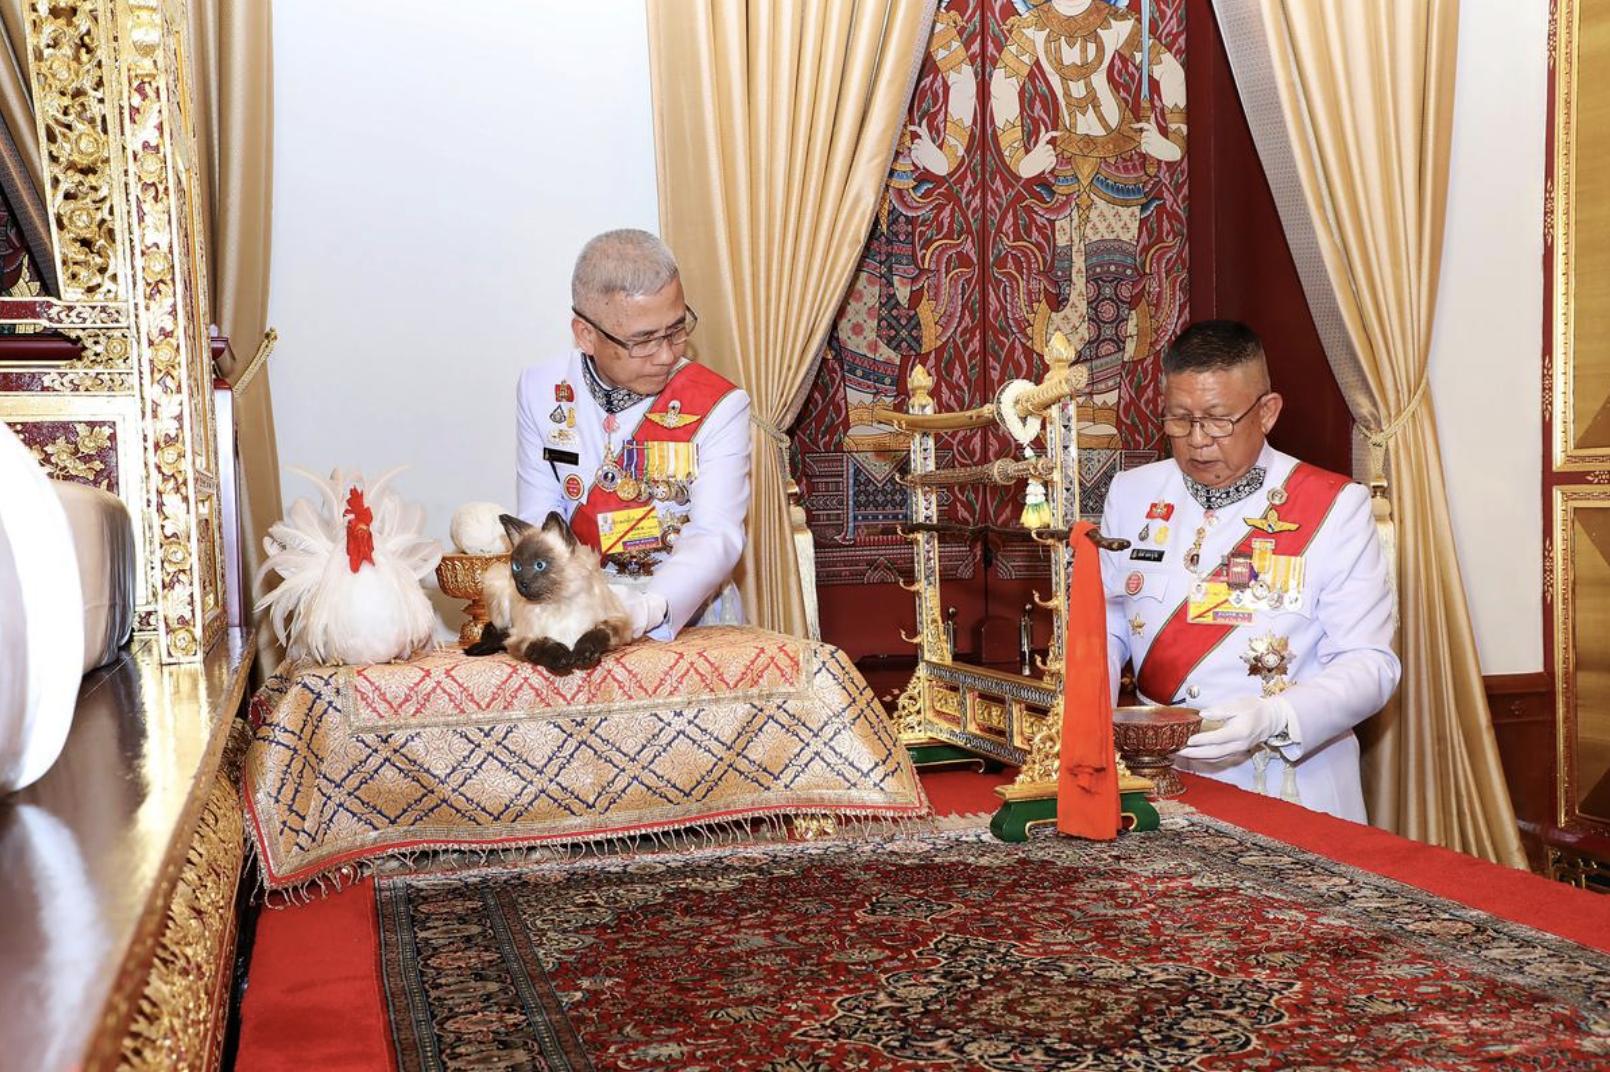 Tranh cãi về chú mèo xuất hiện trong lễ đăng quang của nhà vua Thái Lan - Ảnh 1.